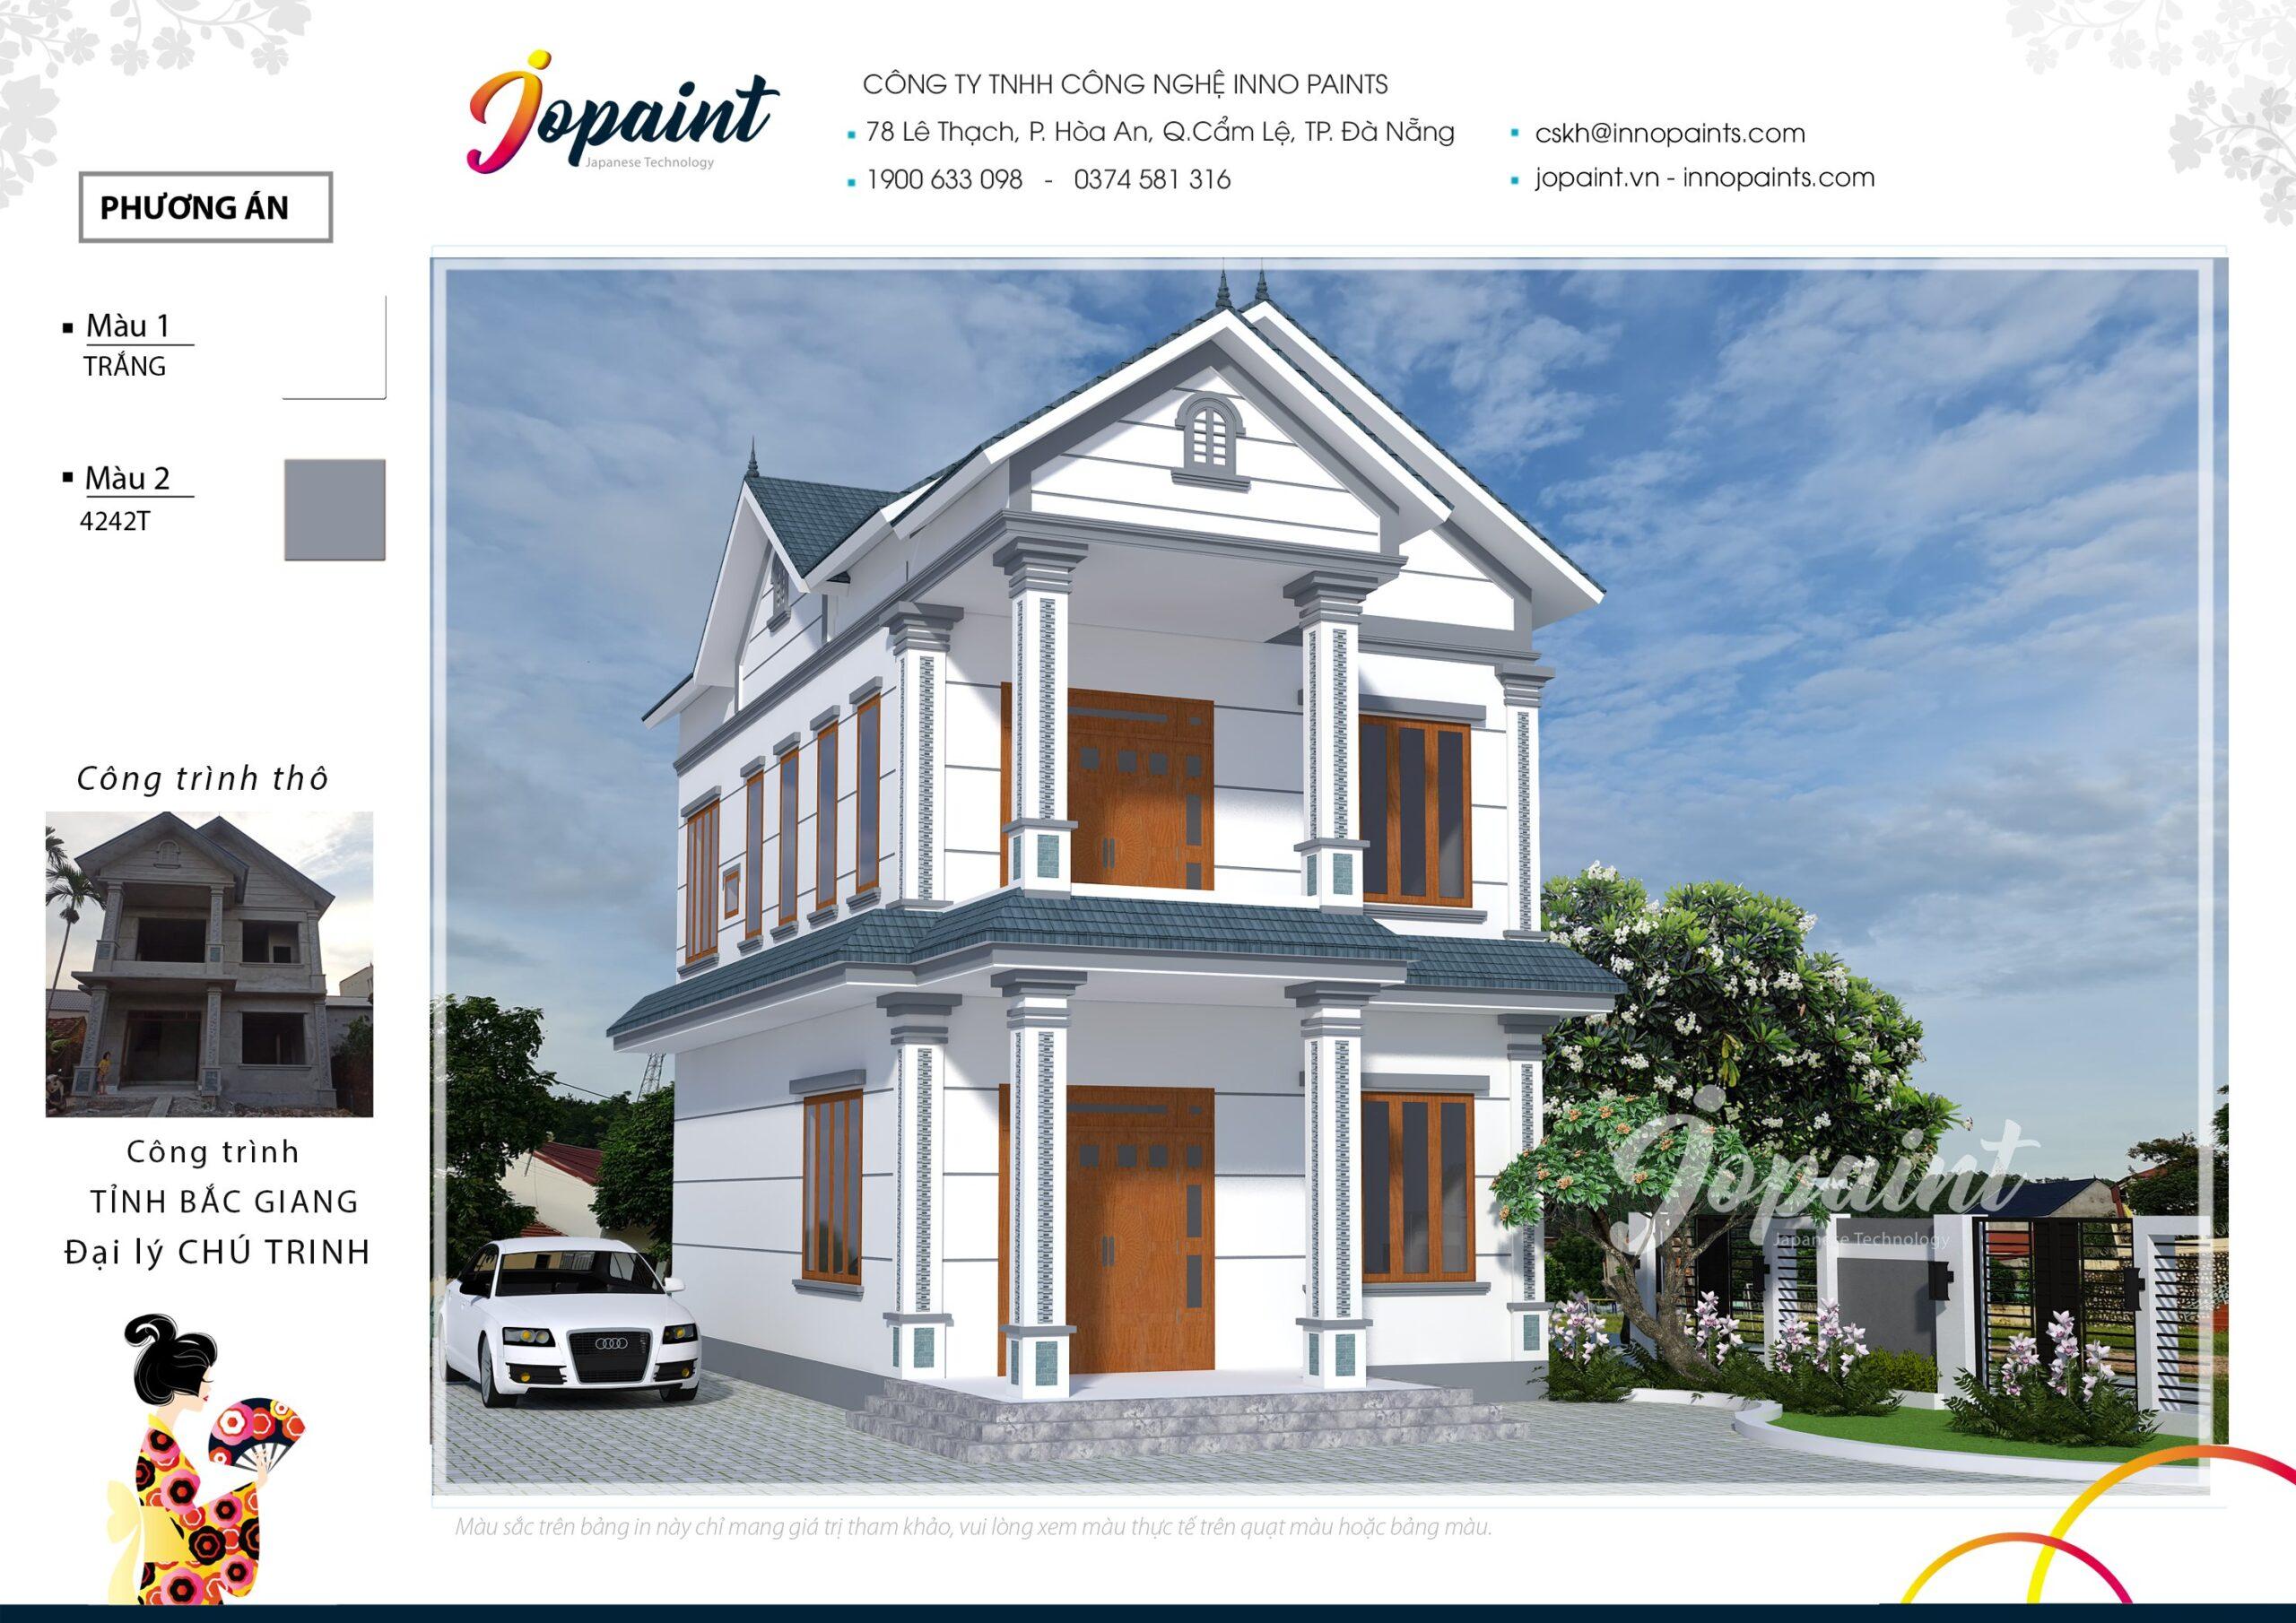 Nhà 2 tầng sơn Jopaint - Bắc Giang